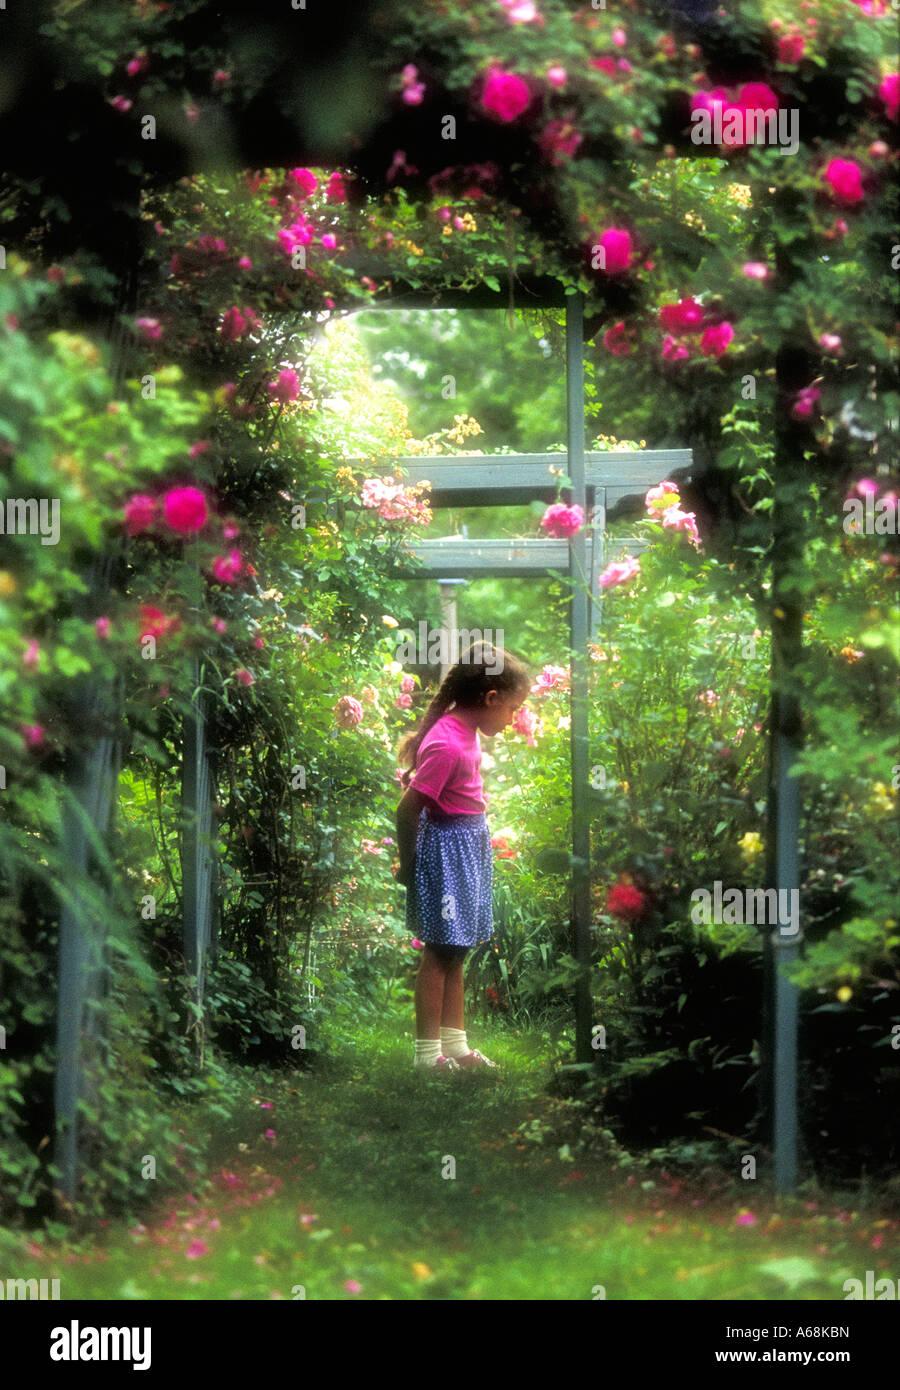 Giovane ragazza si arresta per un odore un fiore in un giardino di rose Immagini Stock